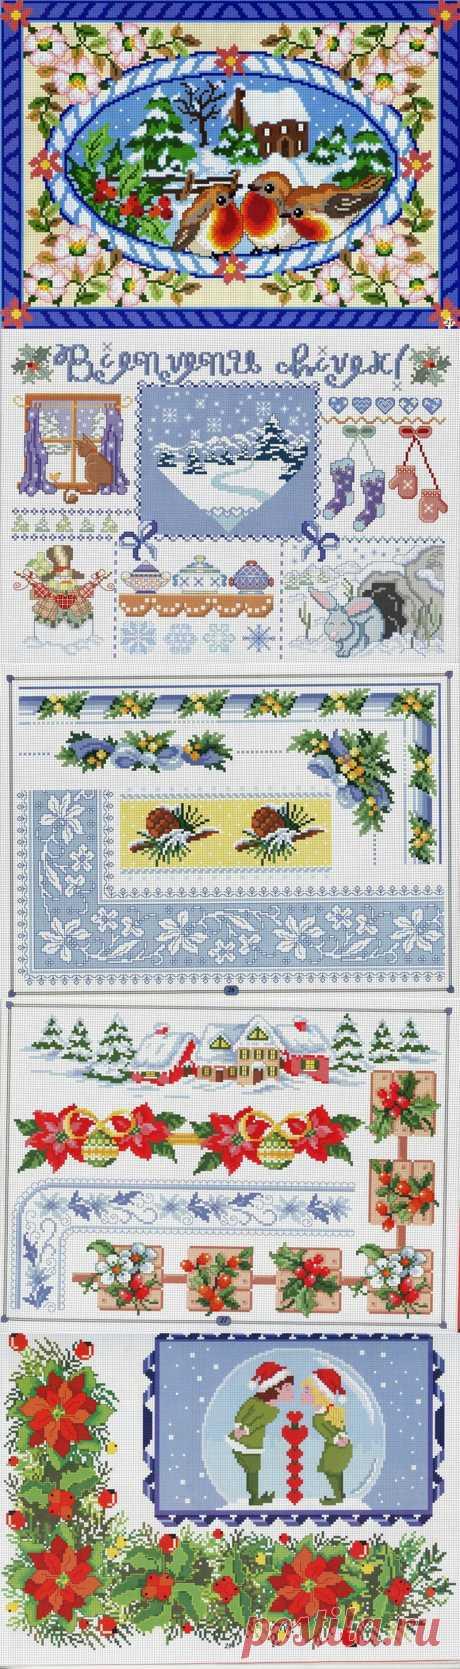 Схемы вышивок-мелочей к Новому году.